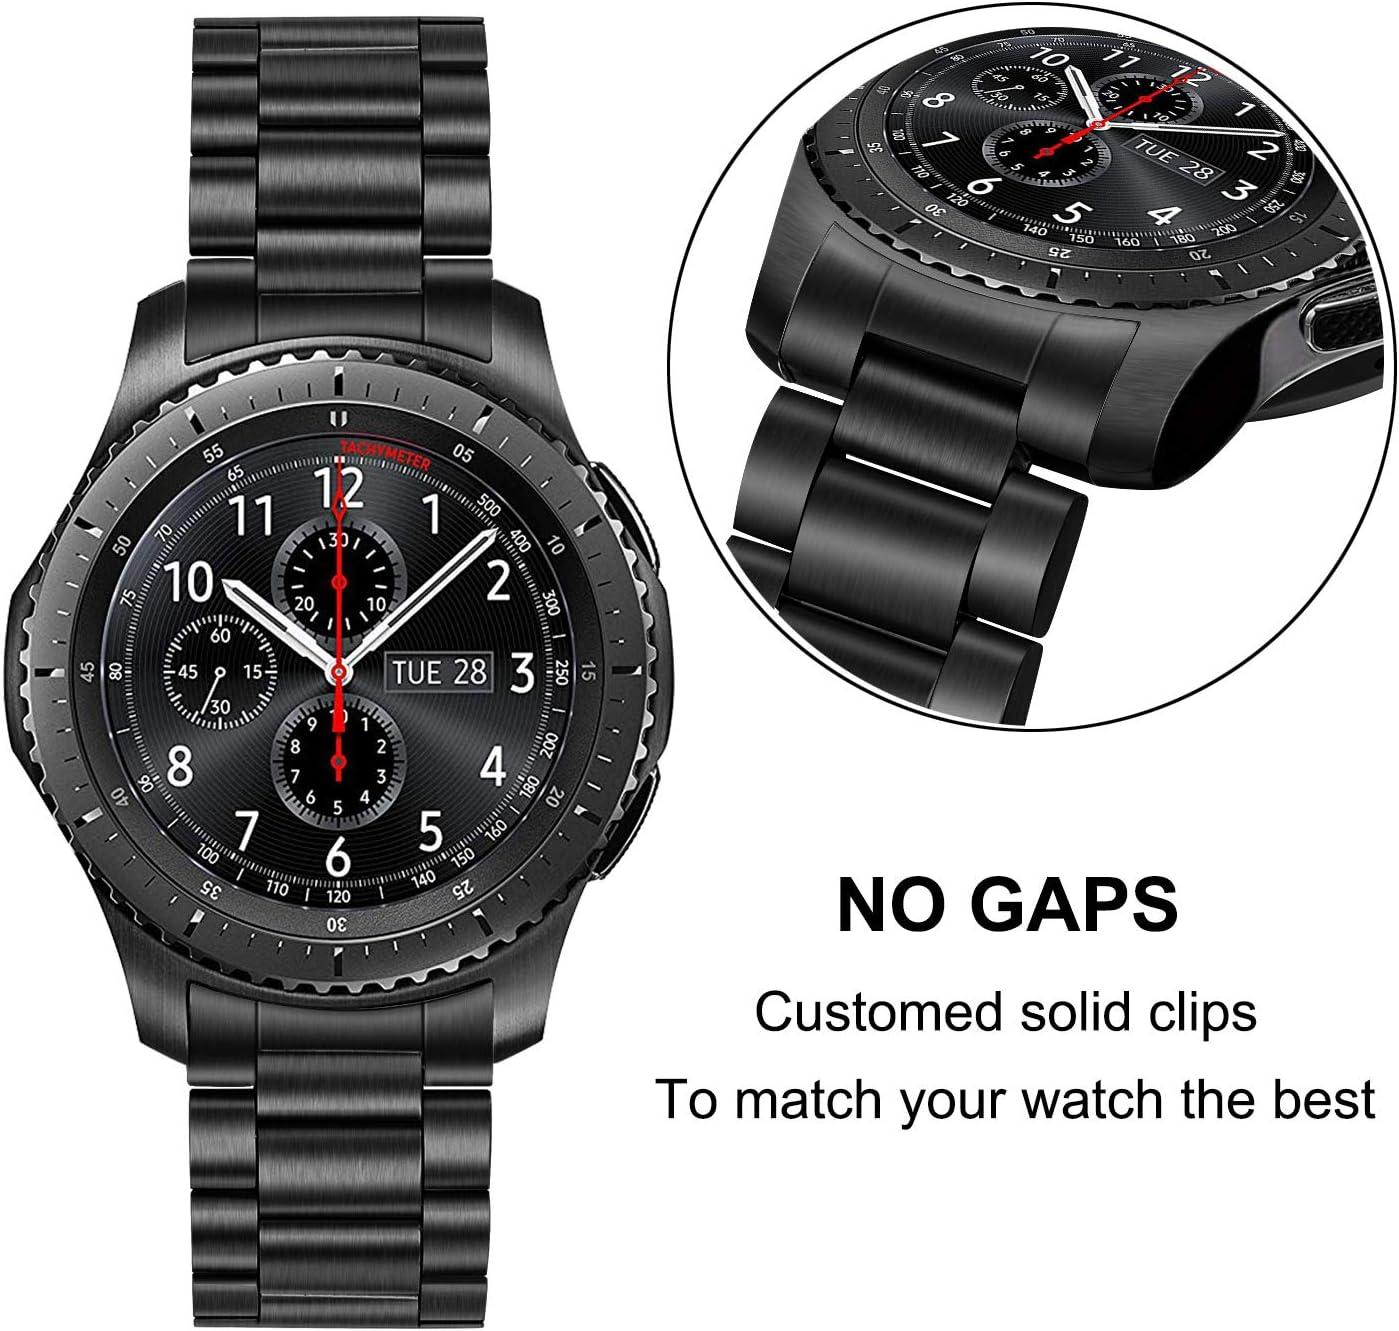 TRUMiRR Galaxy Watch 46mm/Gear S3 Bande de Montre, 22mm Bracelet en Acier Inoxydable Bracelet à Boucle Papillon avec extrémité incurvée Compatible pour Samsung Gear S3 Frontier,Gear S3 Classic Noir (version améliorée / amovible à la main)